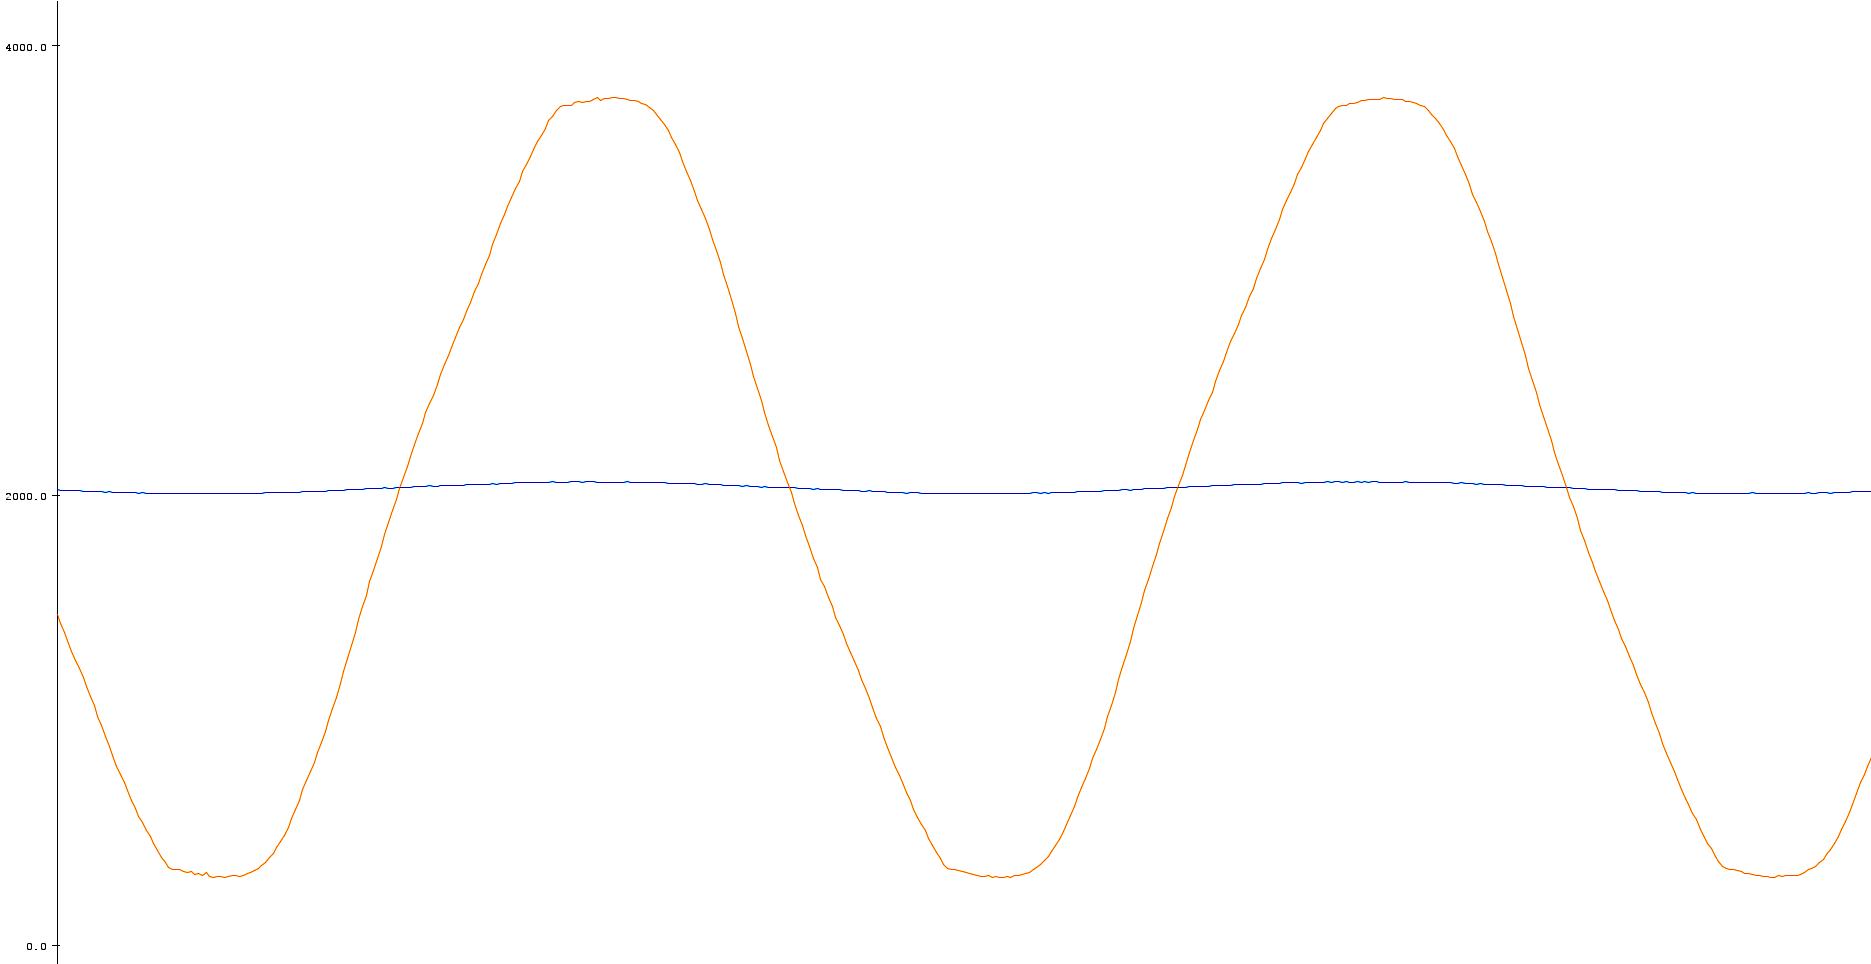 plotting_arduinoDUE_consumo_energetico